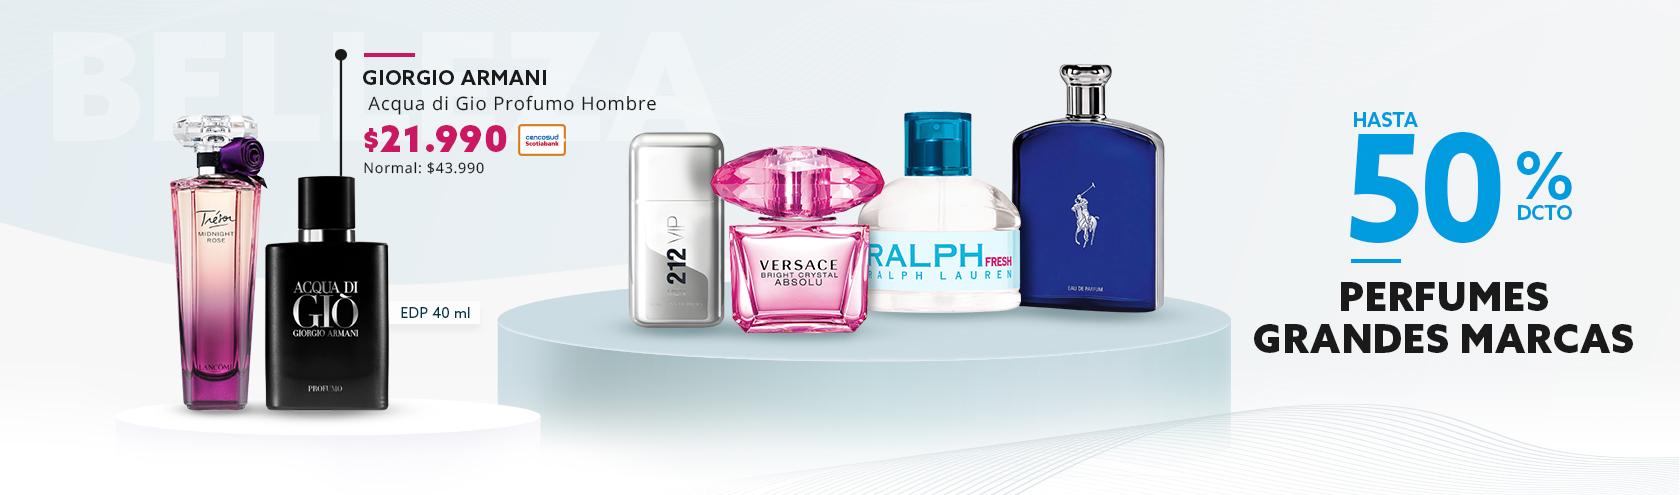 Descuentos en Perfumes Grandes Marcas